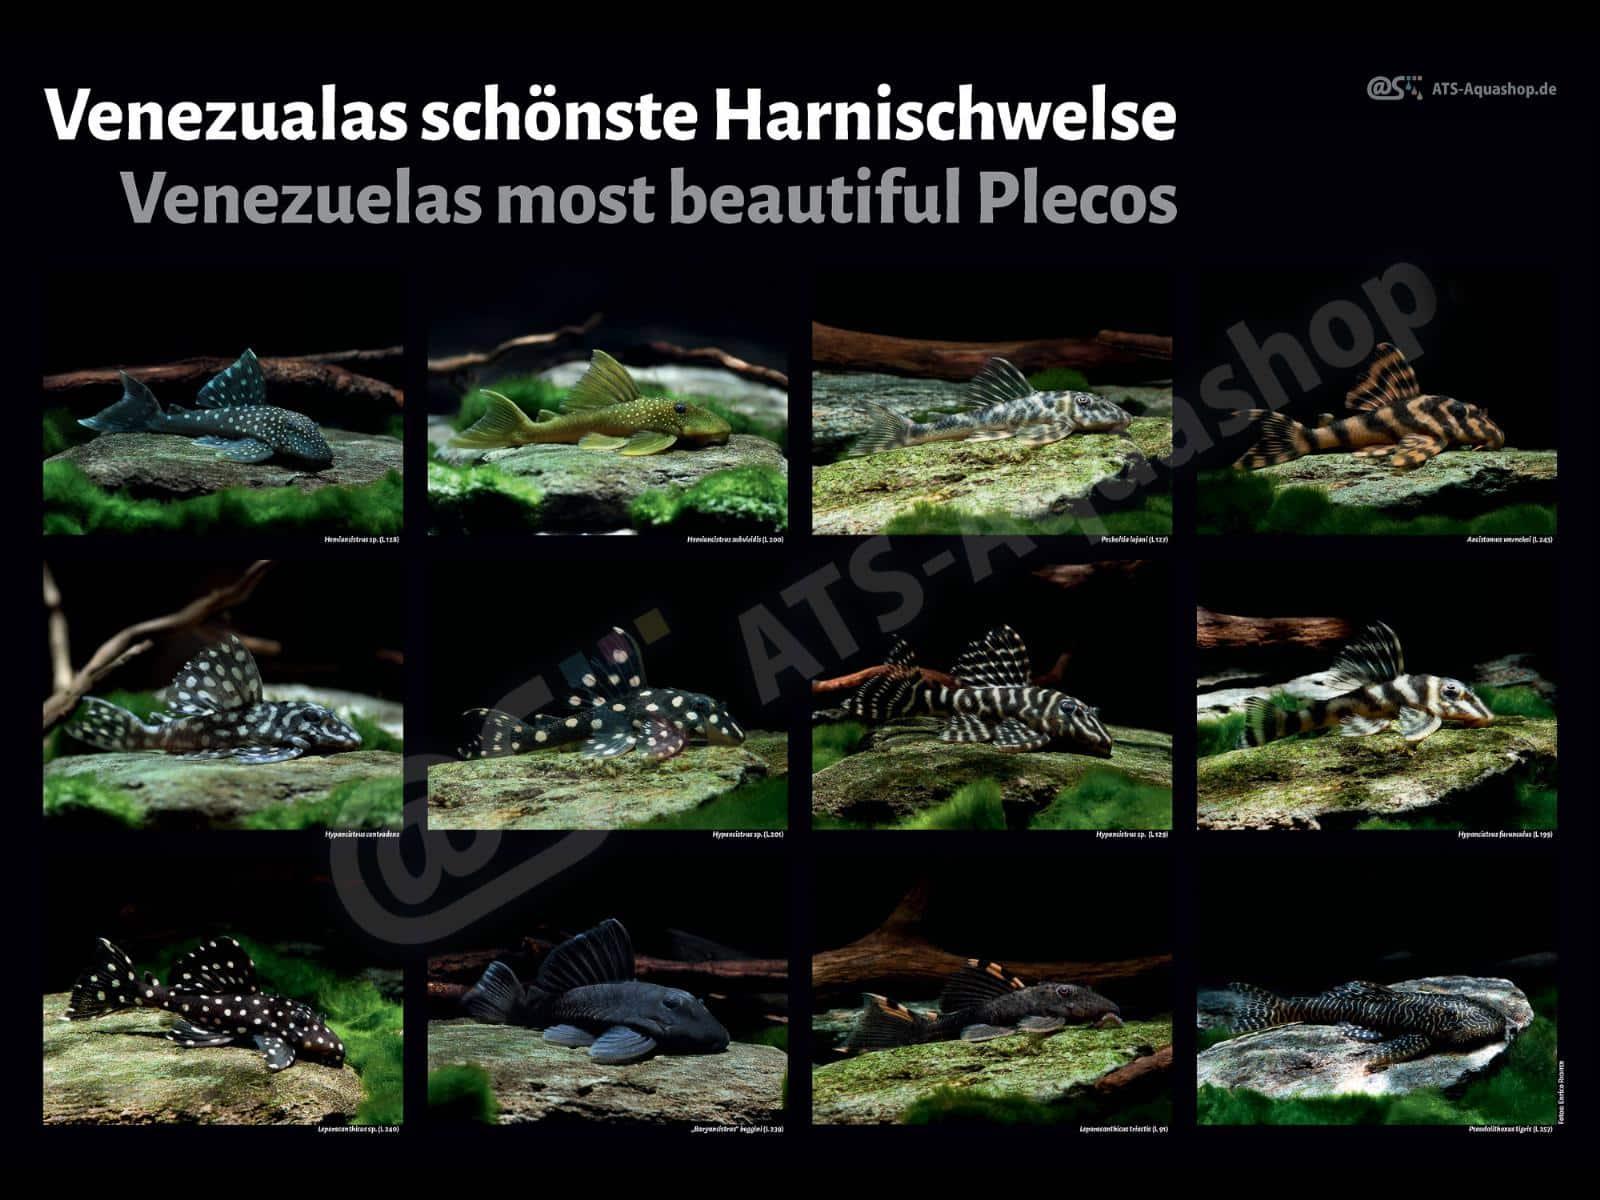 venezuelas schoenste harnischwelse 2